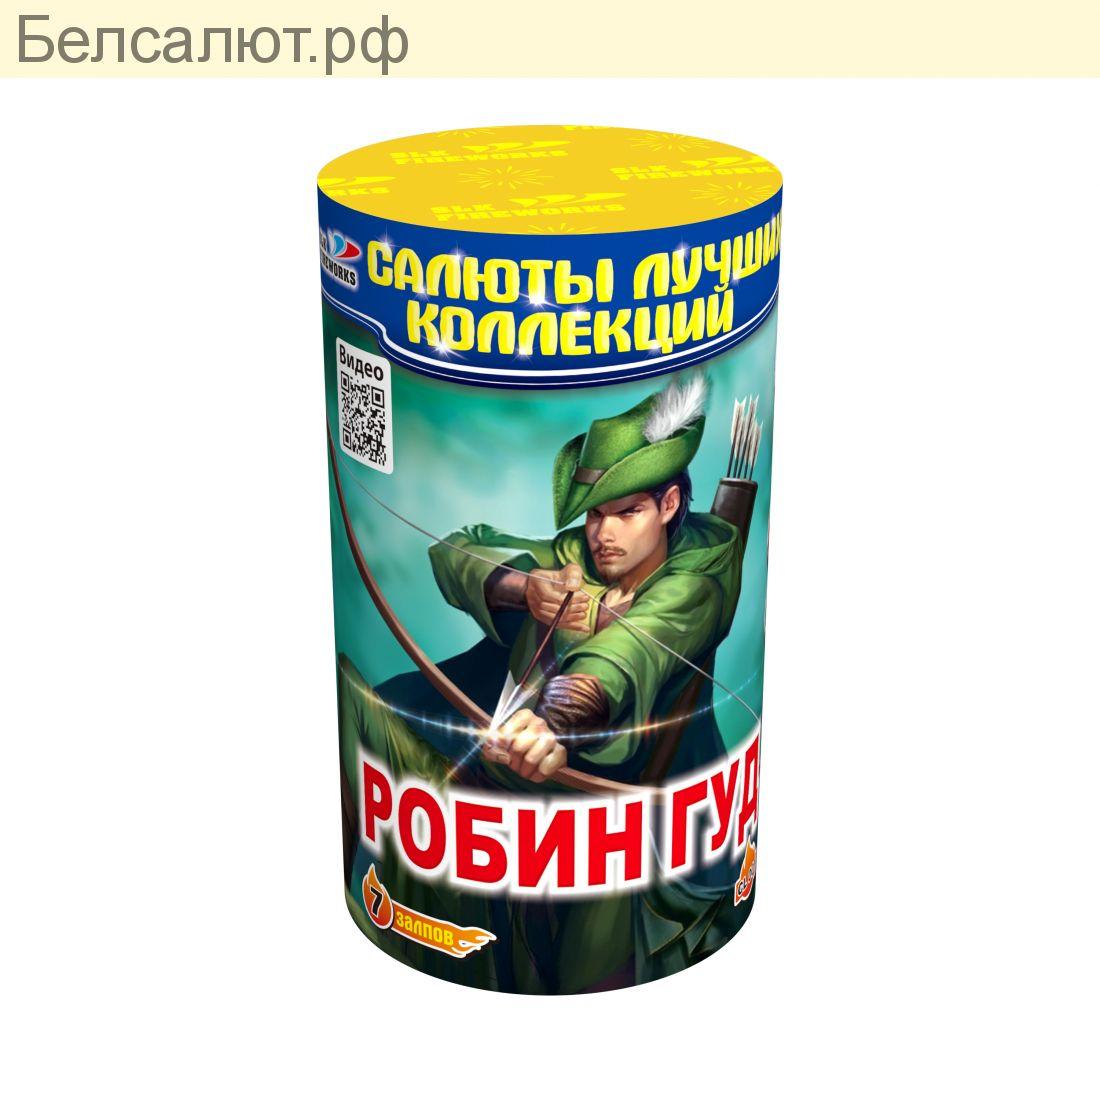 CL 001 РОБИН ГУД